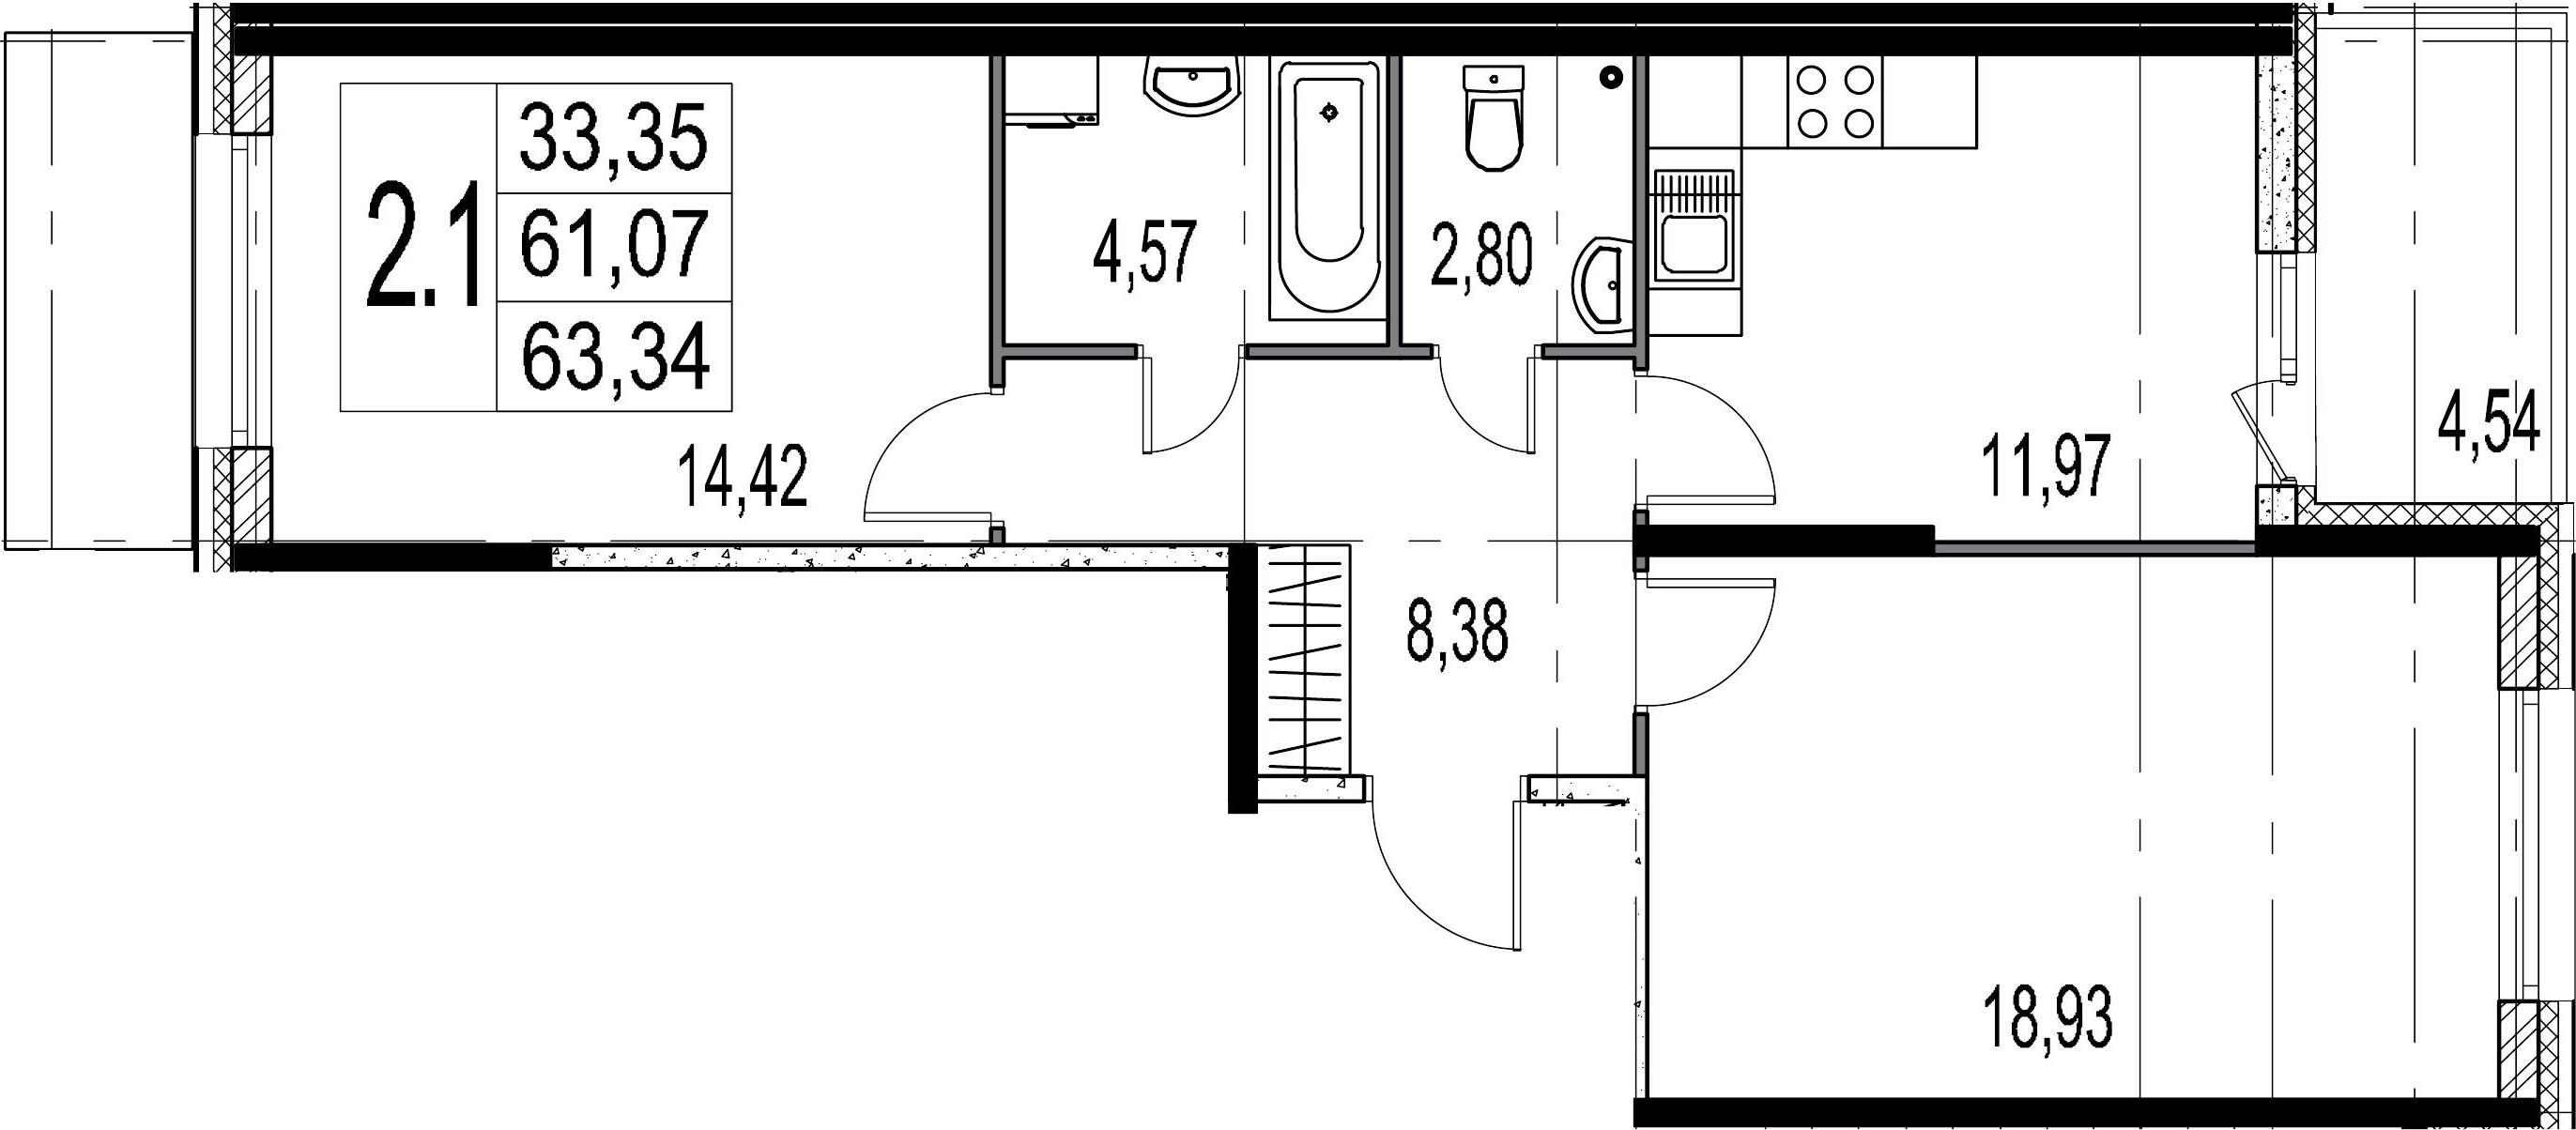 2-комнатная, 61.07 м²– 2